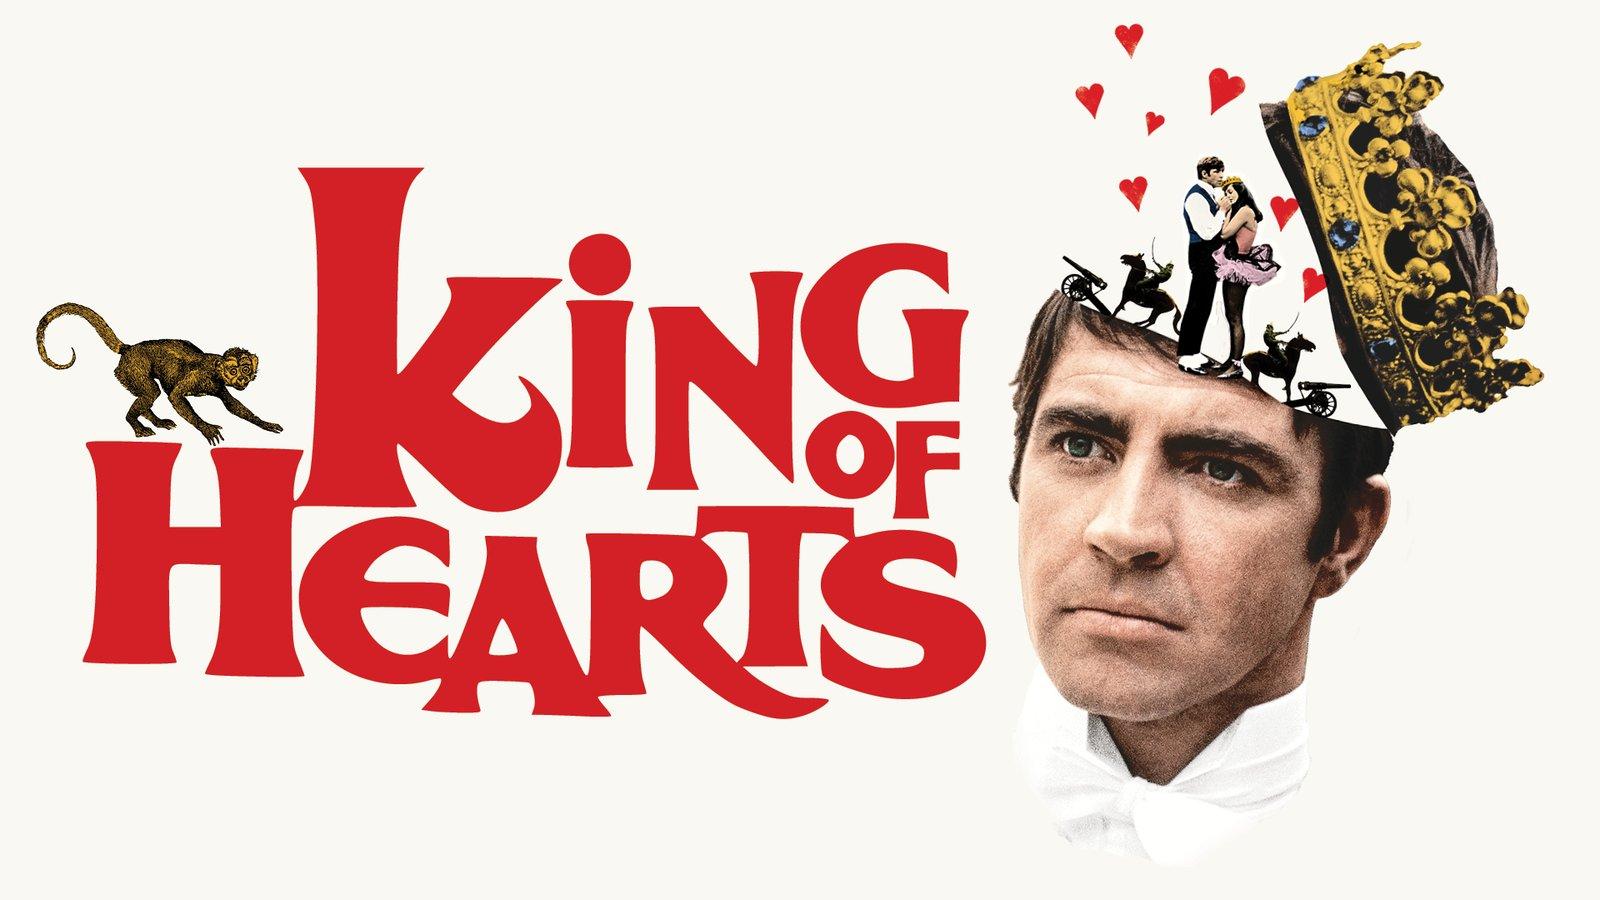 King of Hearts - Le roi de coeur